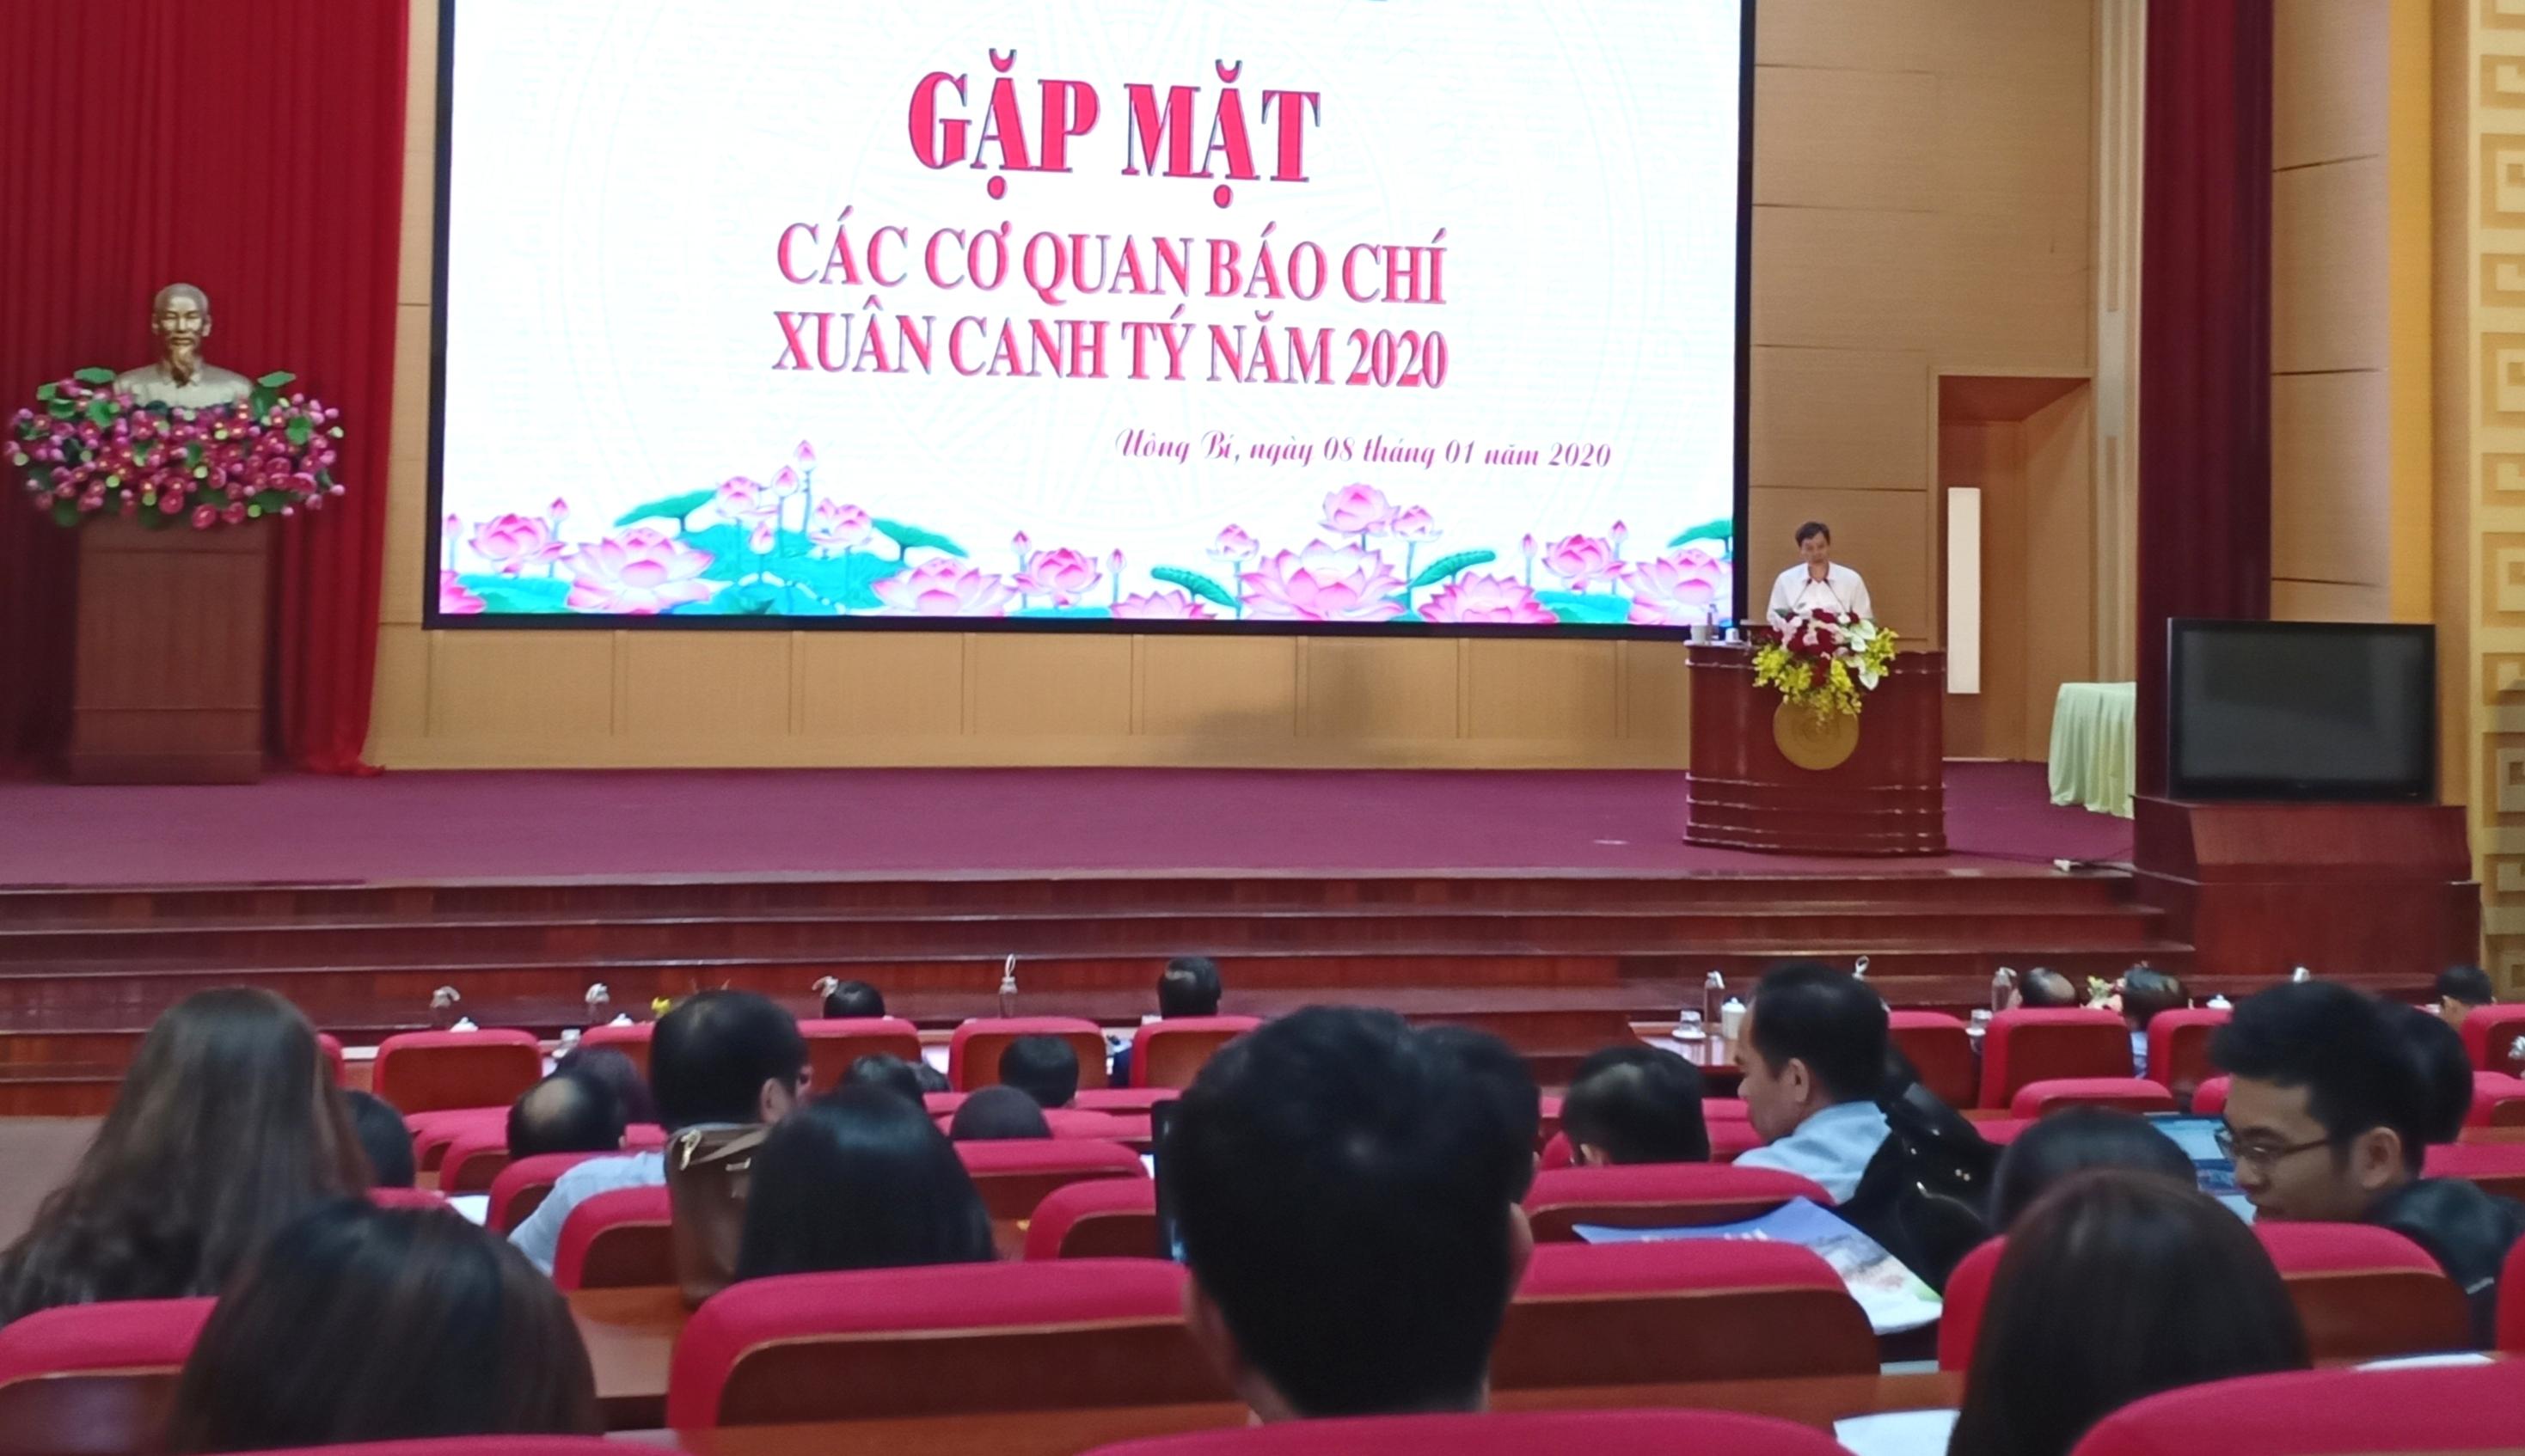 Uông Bí tổ chức nhiều hoạt động cho Tết Nguyên đán và lễ hội 2020